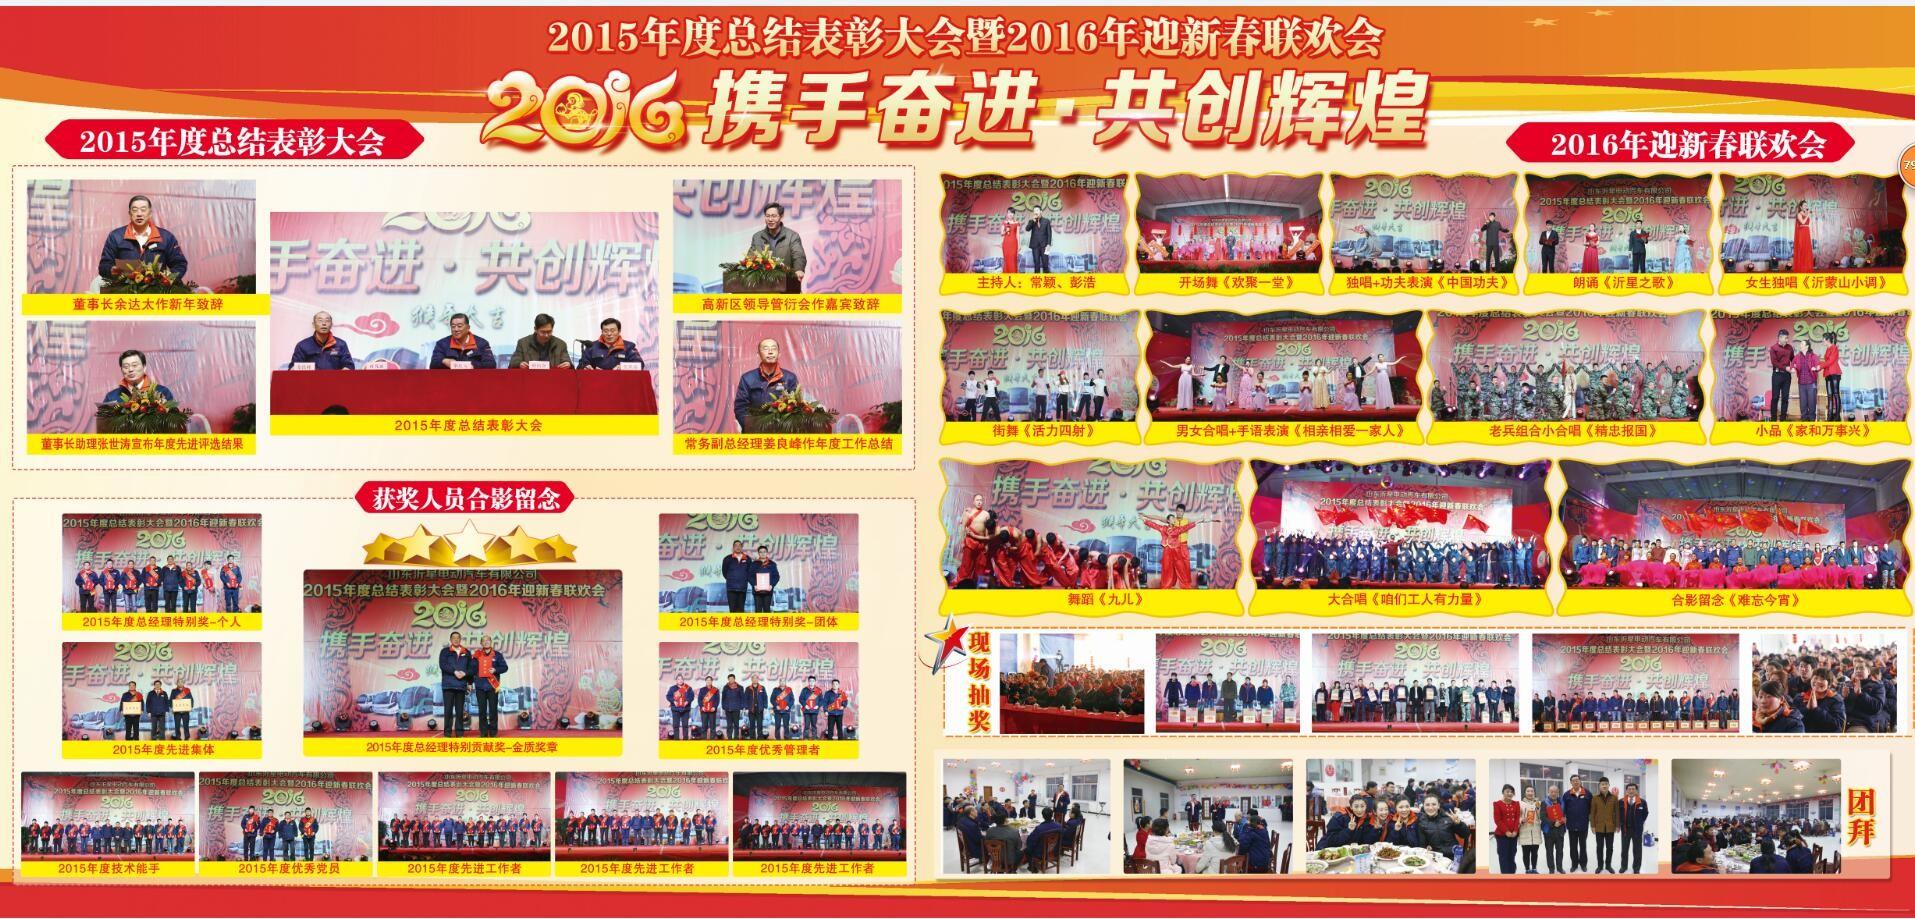 公司隆重召开2015年度总结表彰大会暨2016年迎新春文艺联欢会